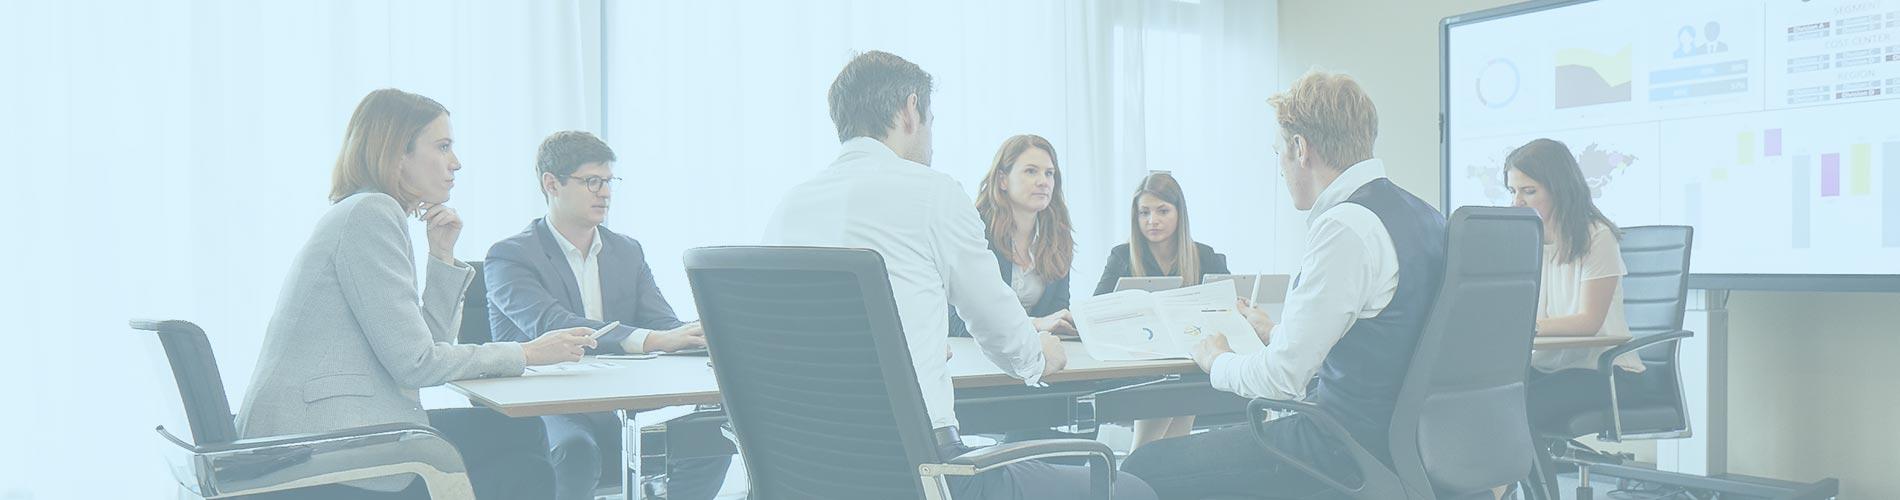 Das Training Management System (TMS) und das Learning Management System (LMS)